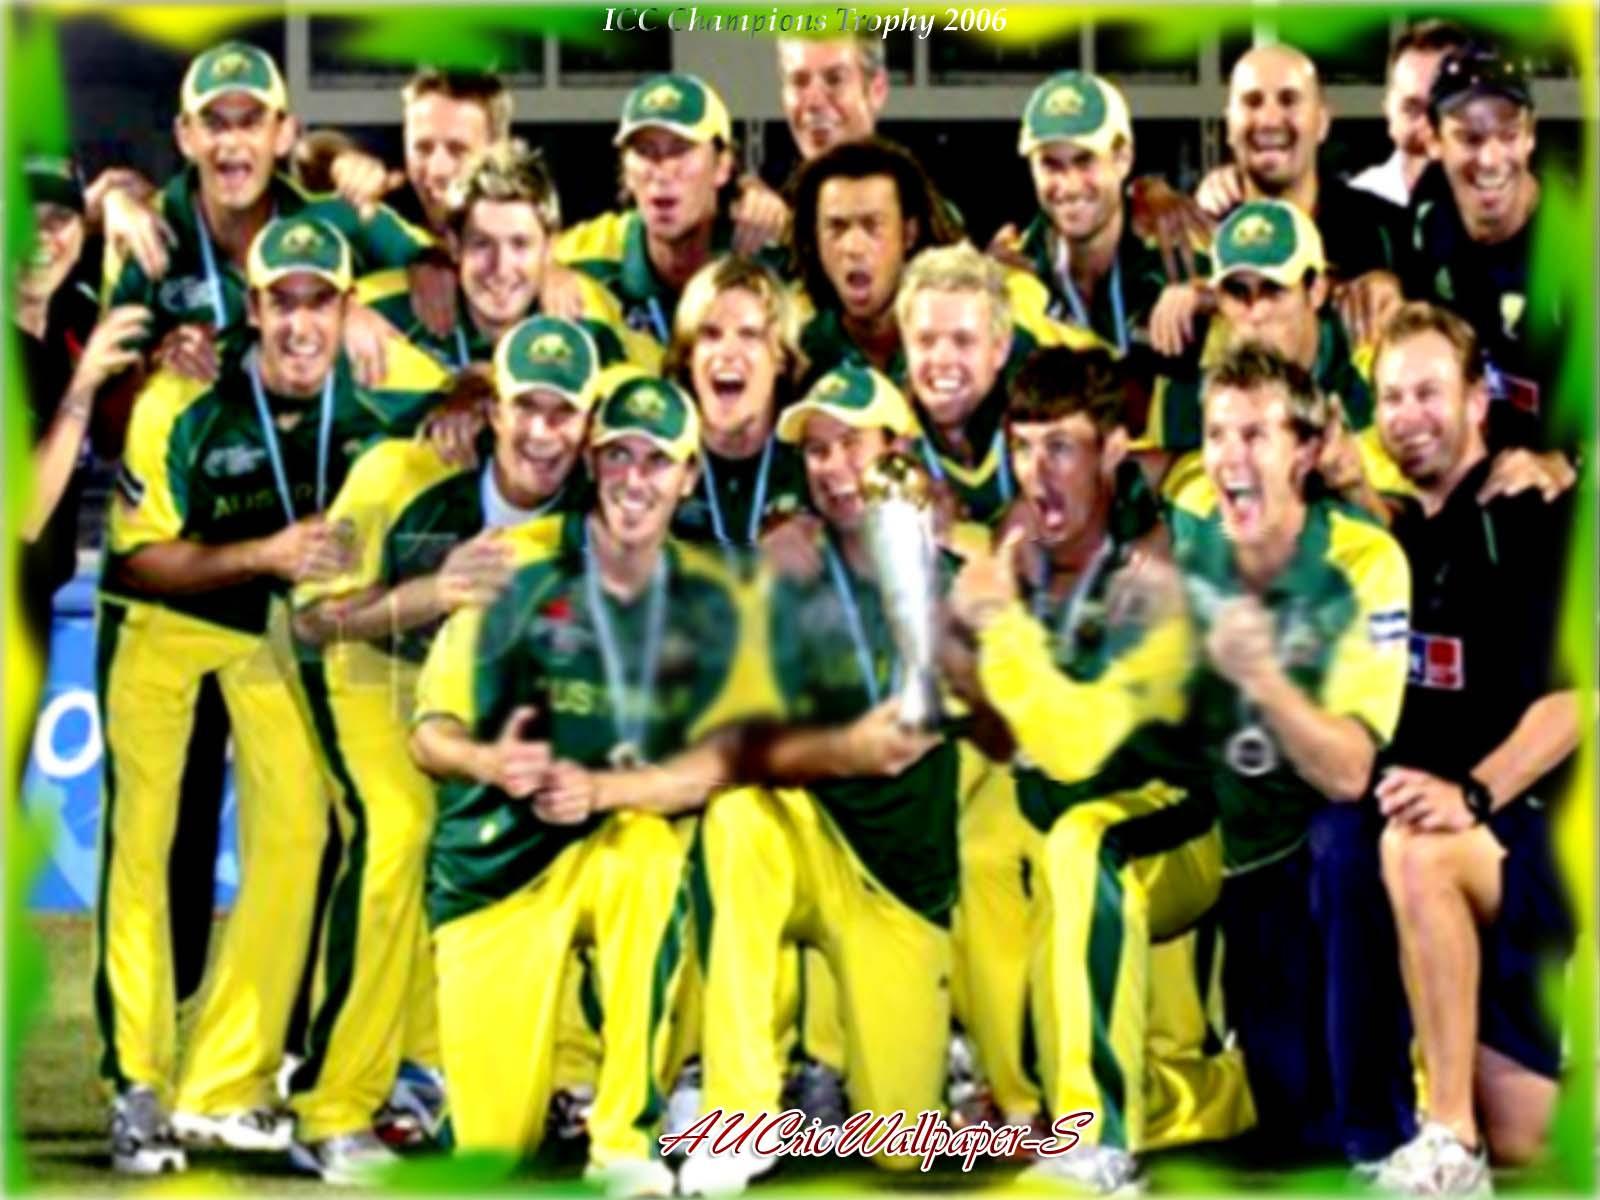 http://2.bp.blogspot.com/_7WMC8wh8IAI/TSD2lMet2_I/AAAAAAAAAKY/EUTADAJBnvw/s1600/Australia+Cricket+Team+%25287%2529.jpg